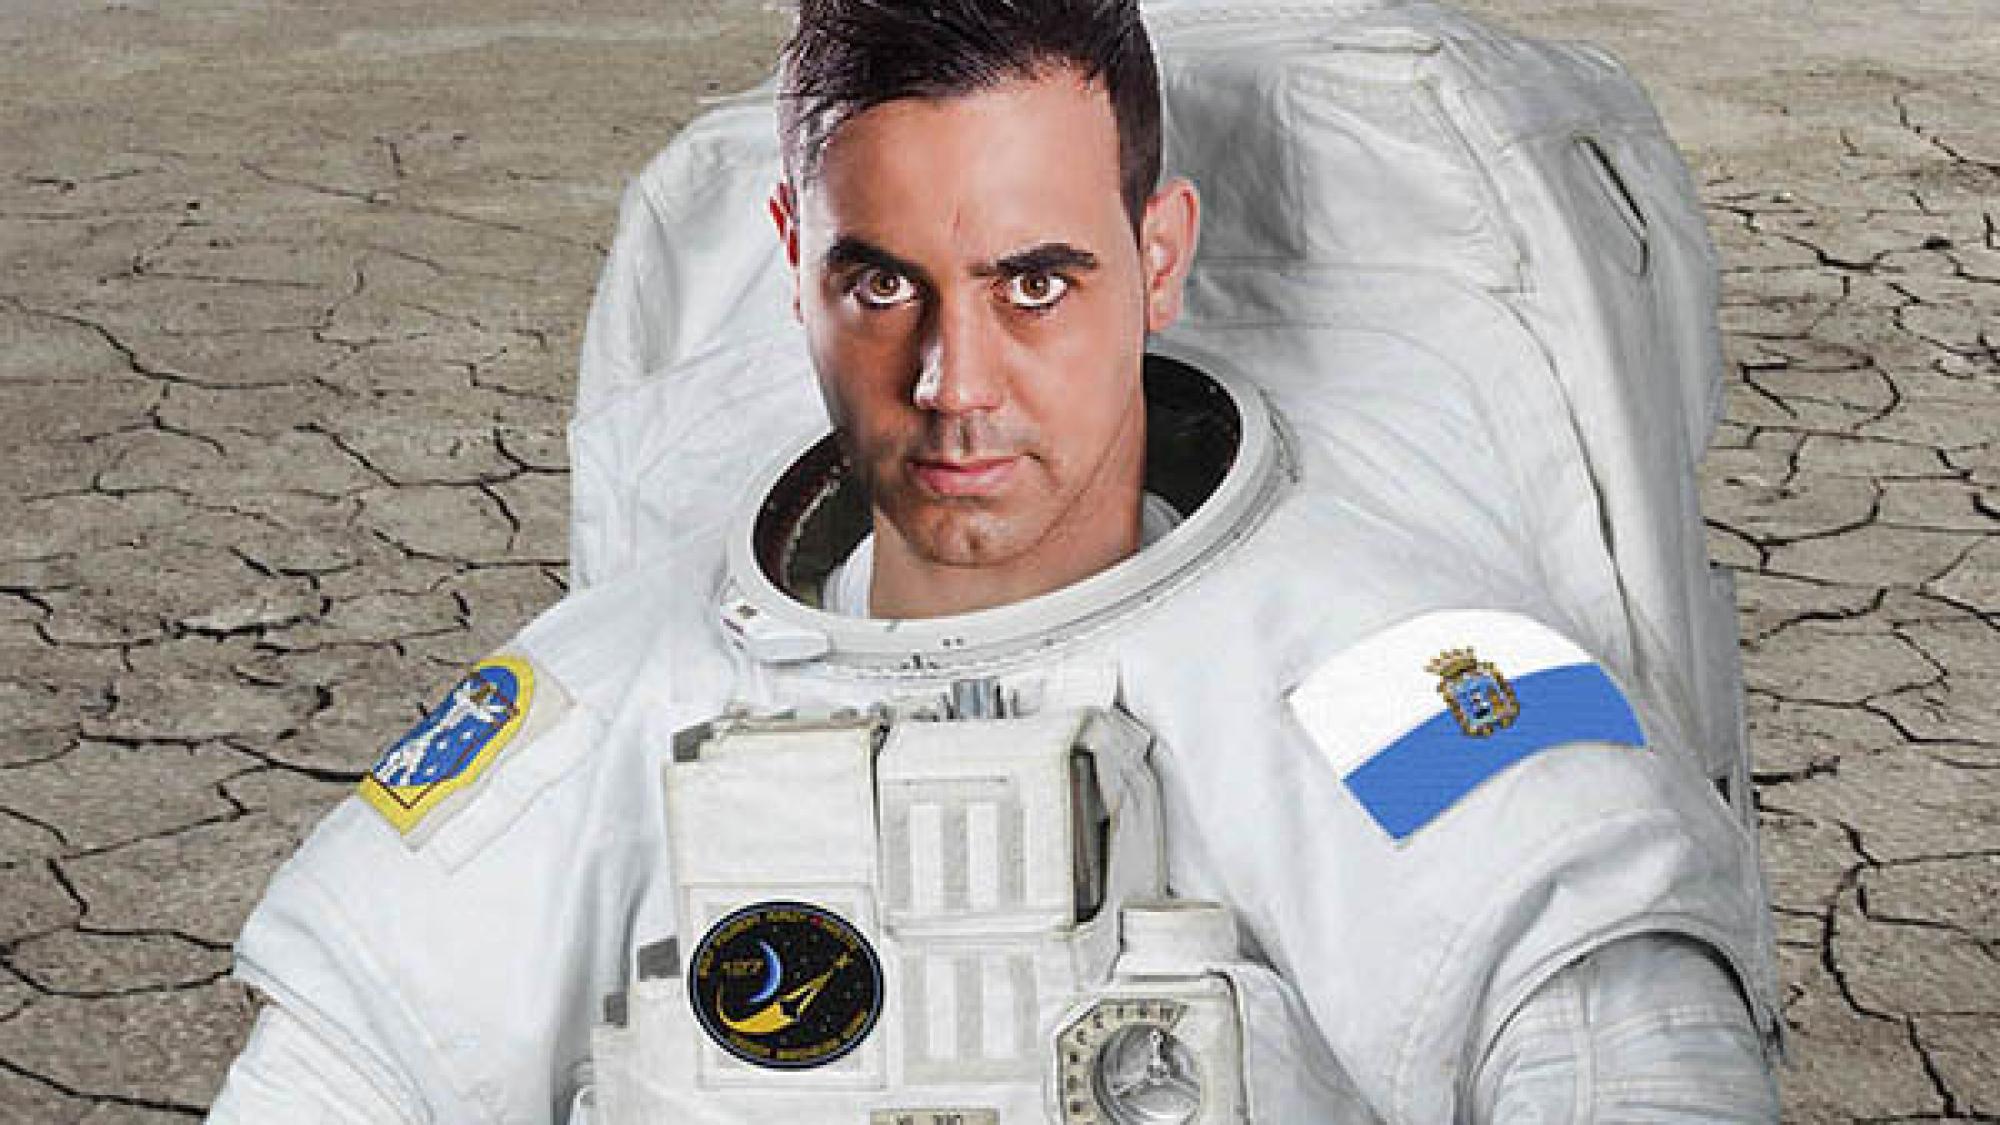 Alegría Astronauta web-hortizontal